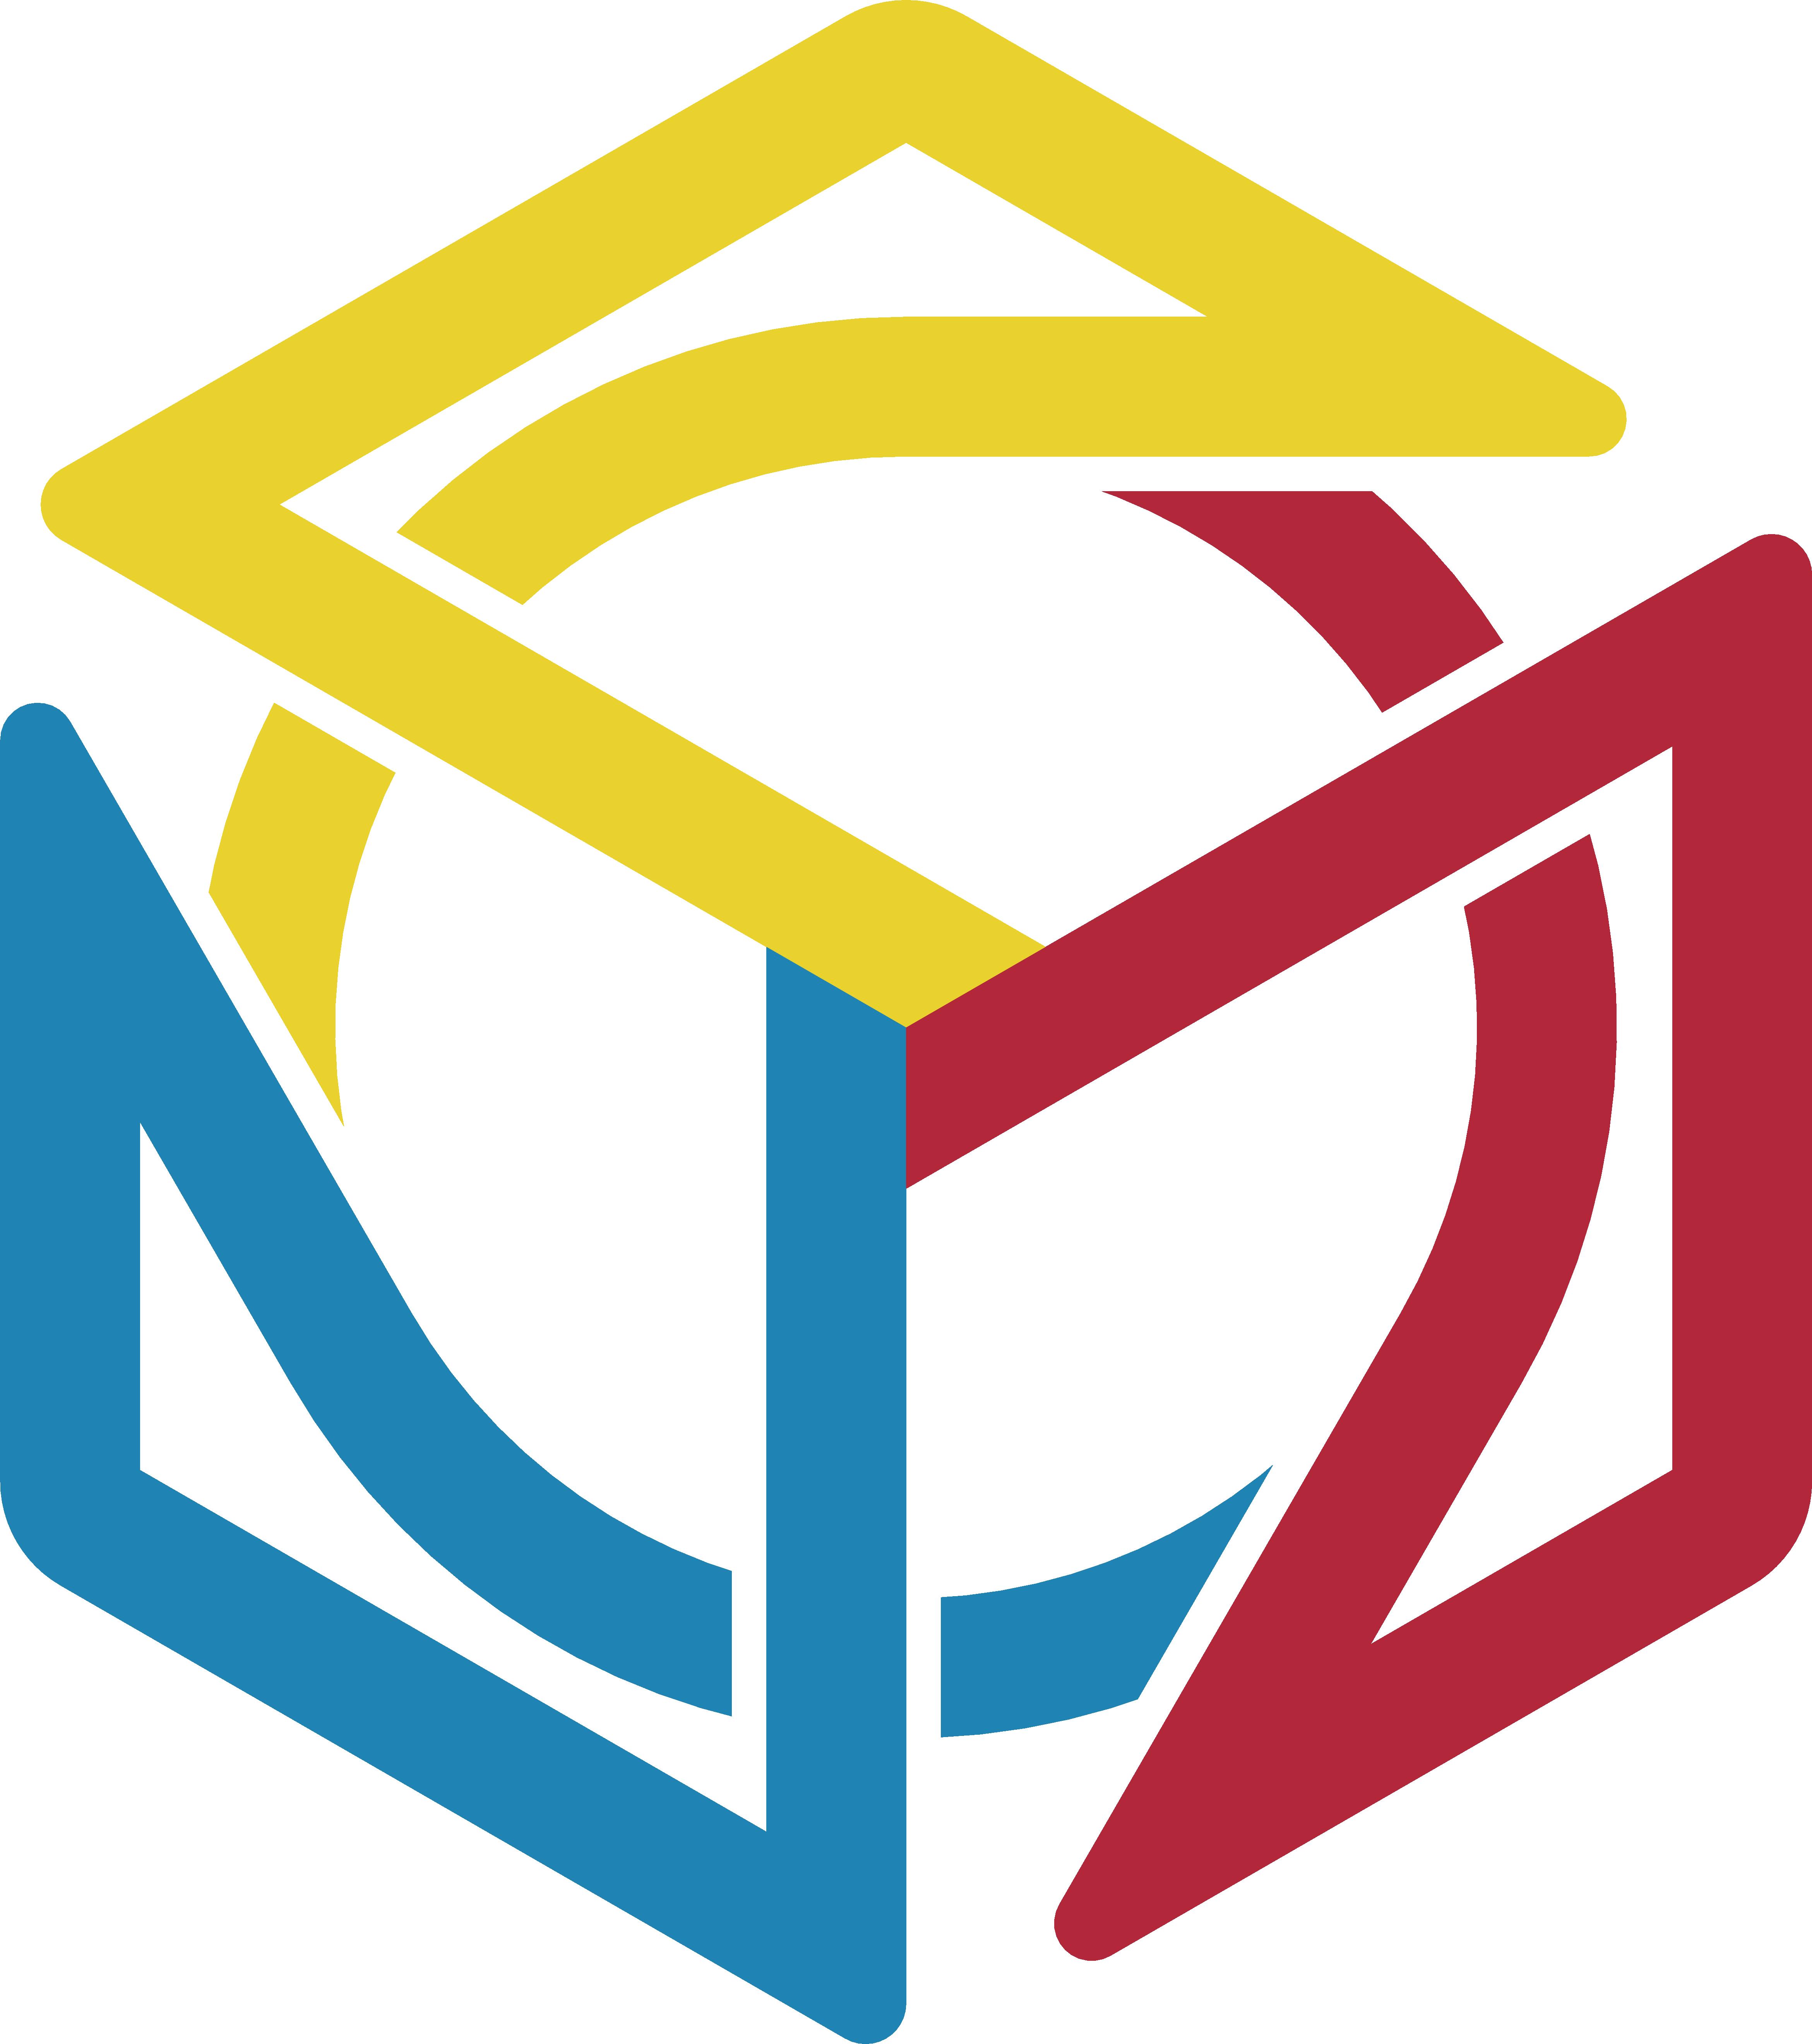 A-Cube